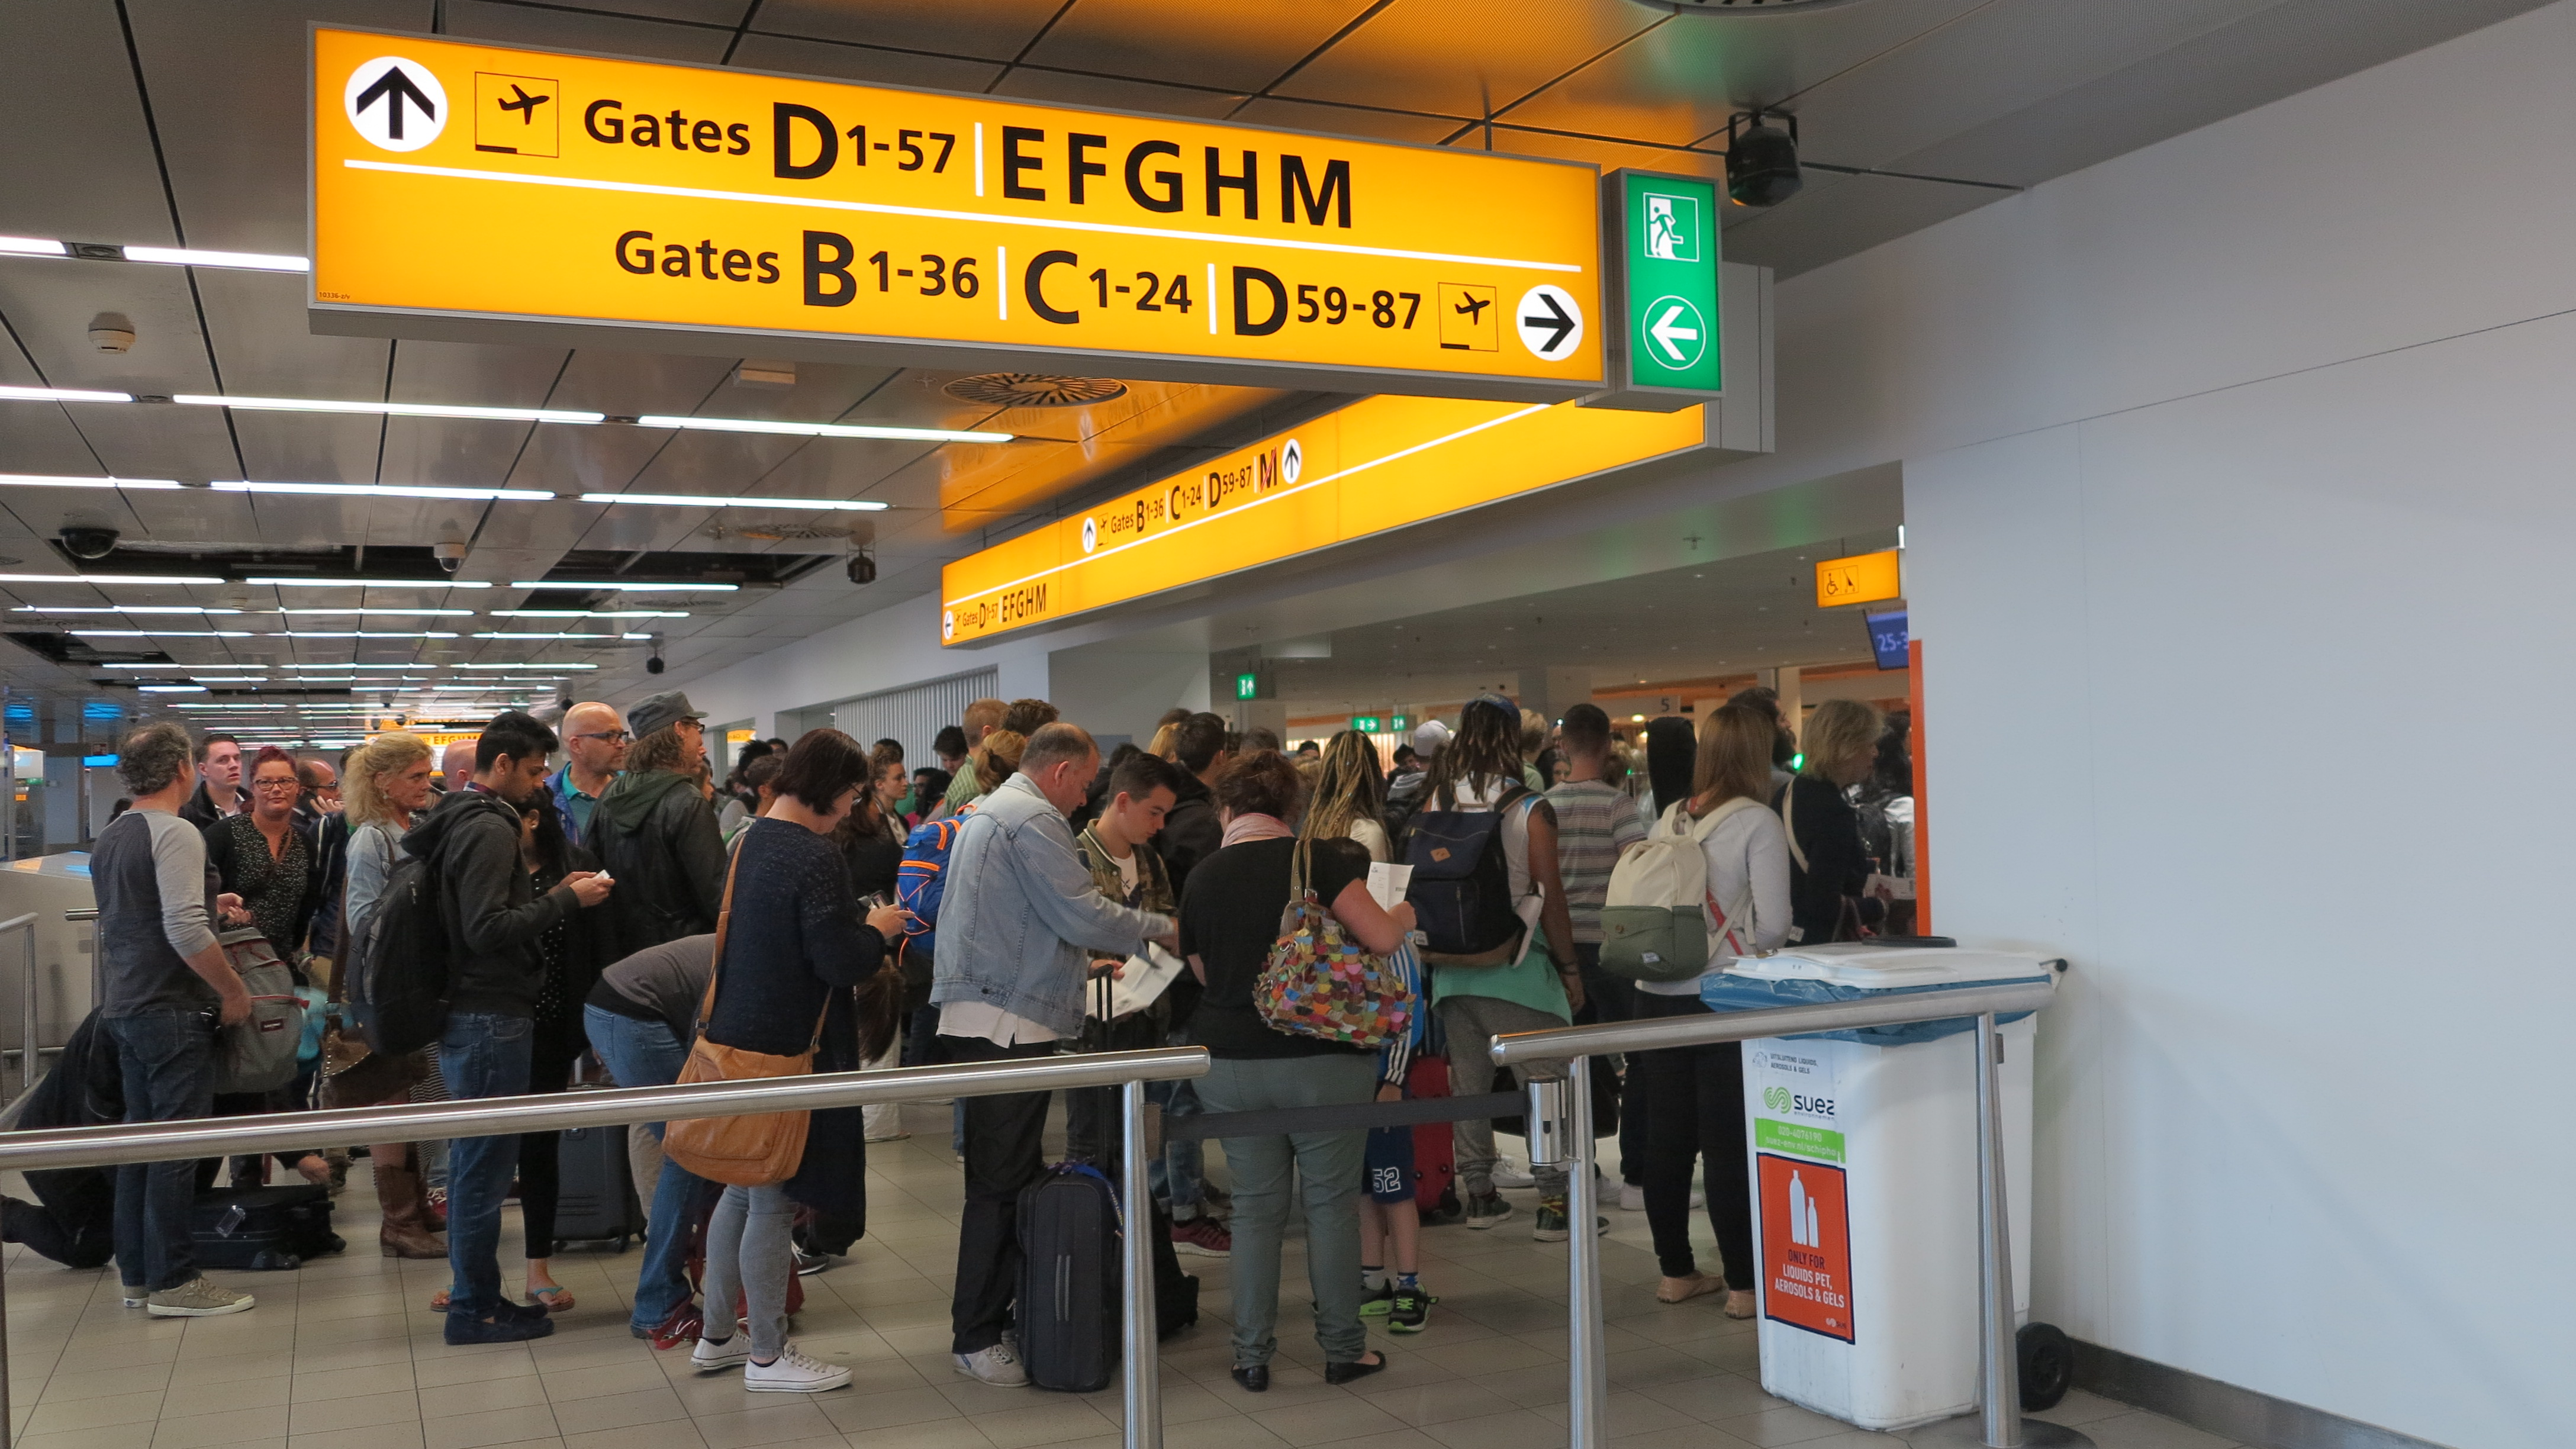 Kø til sikkerhedskontrollen i Amsterdam Schiphol Airport. (Foto: Schiphol Airport)